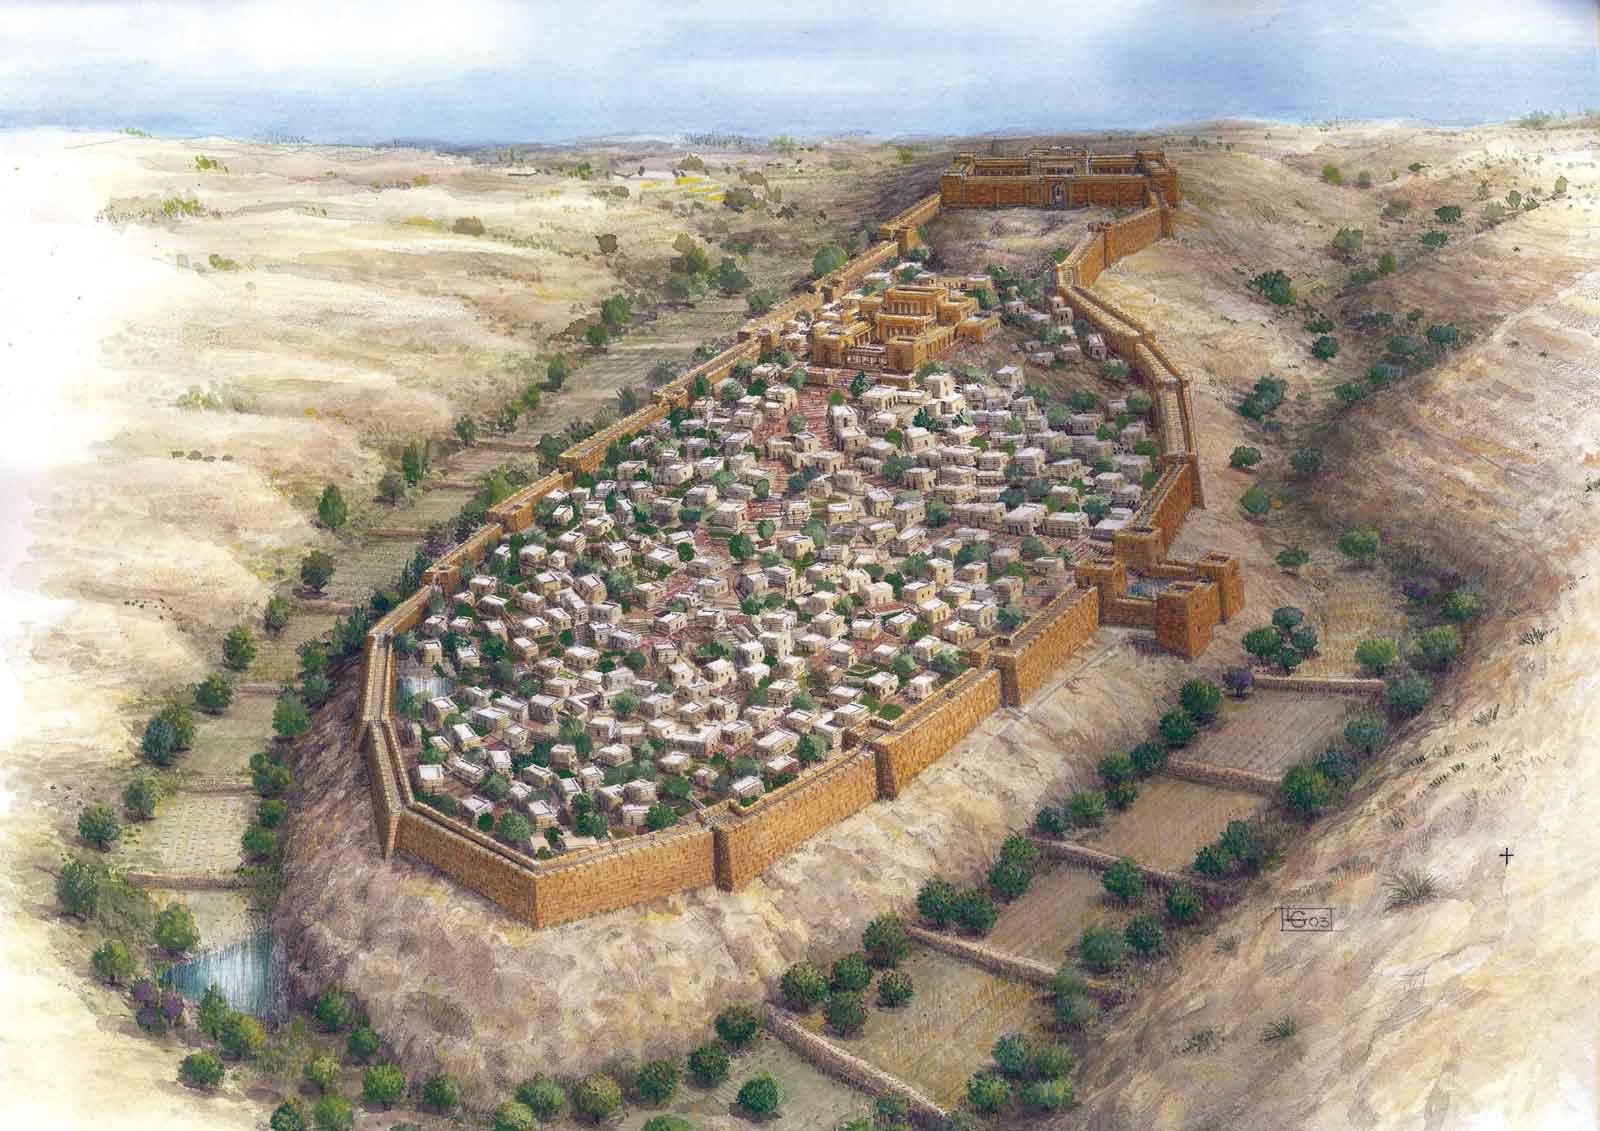 Muro de la época del Primer Templo, arrasado según relato bíblico, hallado intacto